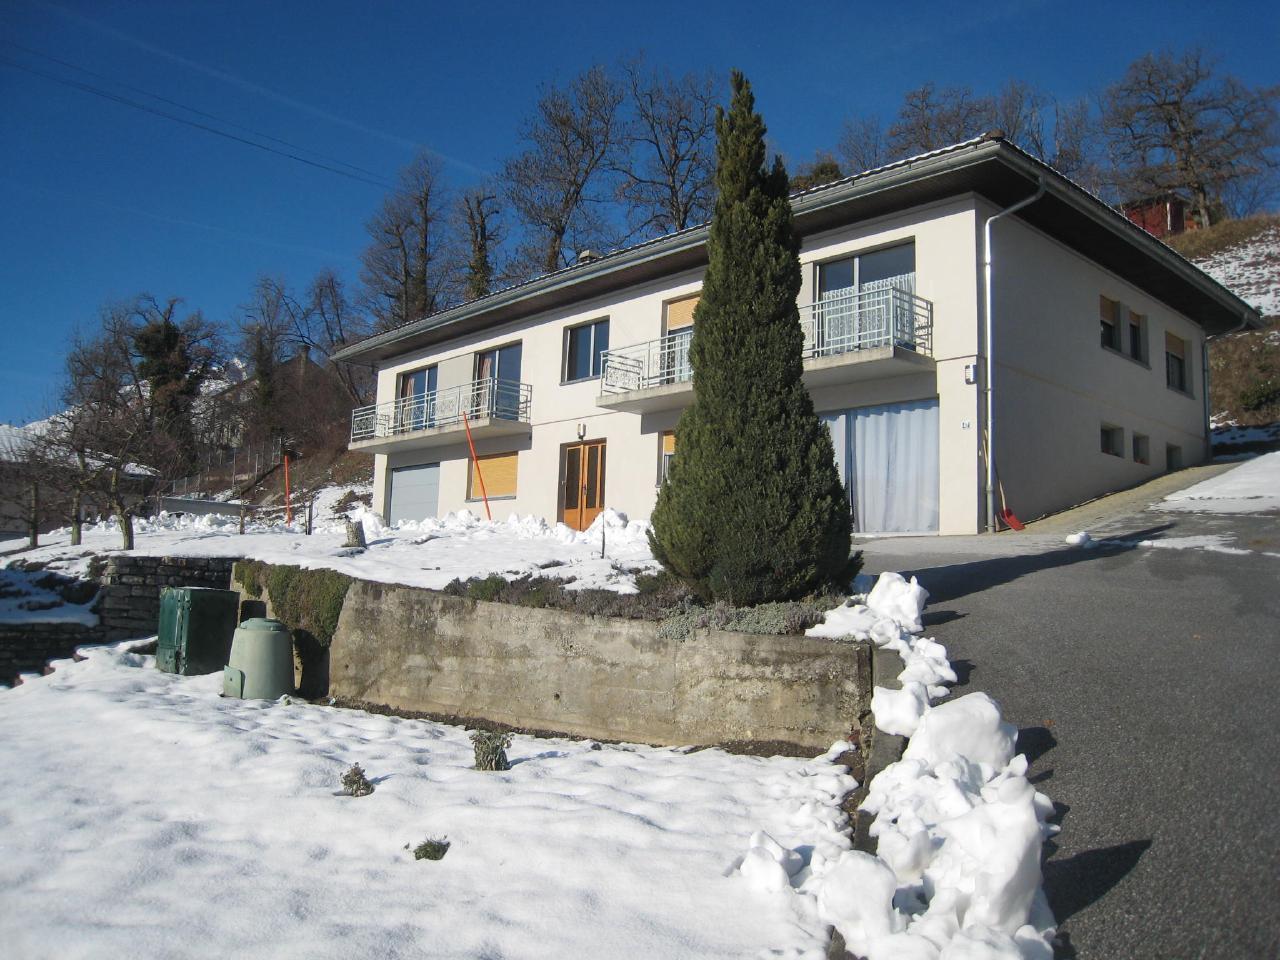 Ferienwohnung Dent Blanche (2492772), Savièse, Sitten, Wallis, Schweiz, Bild 2